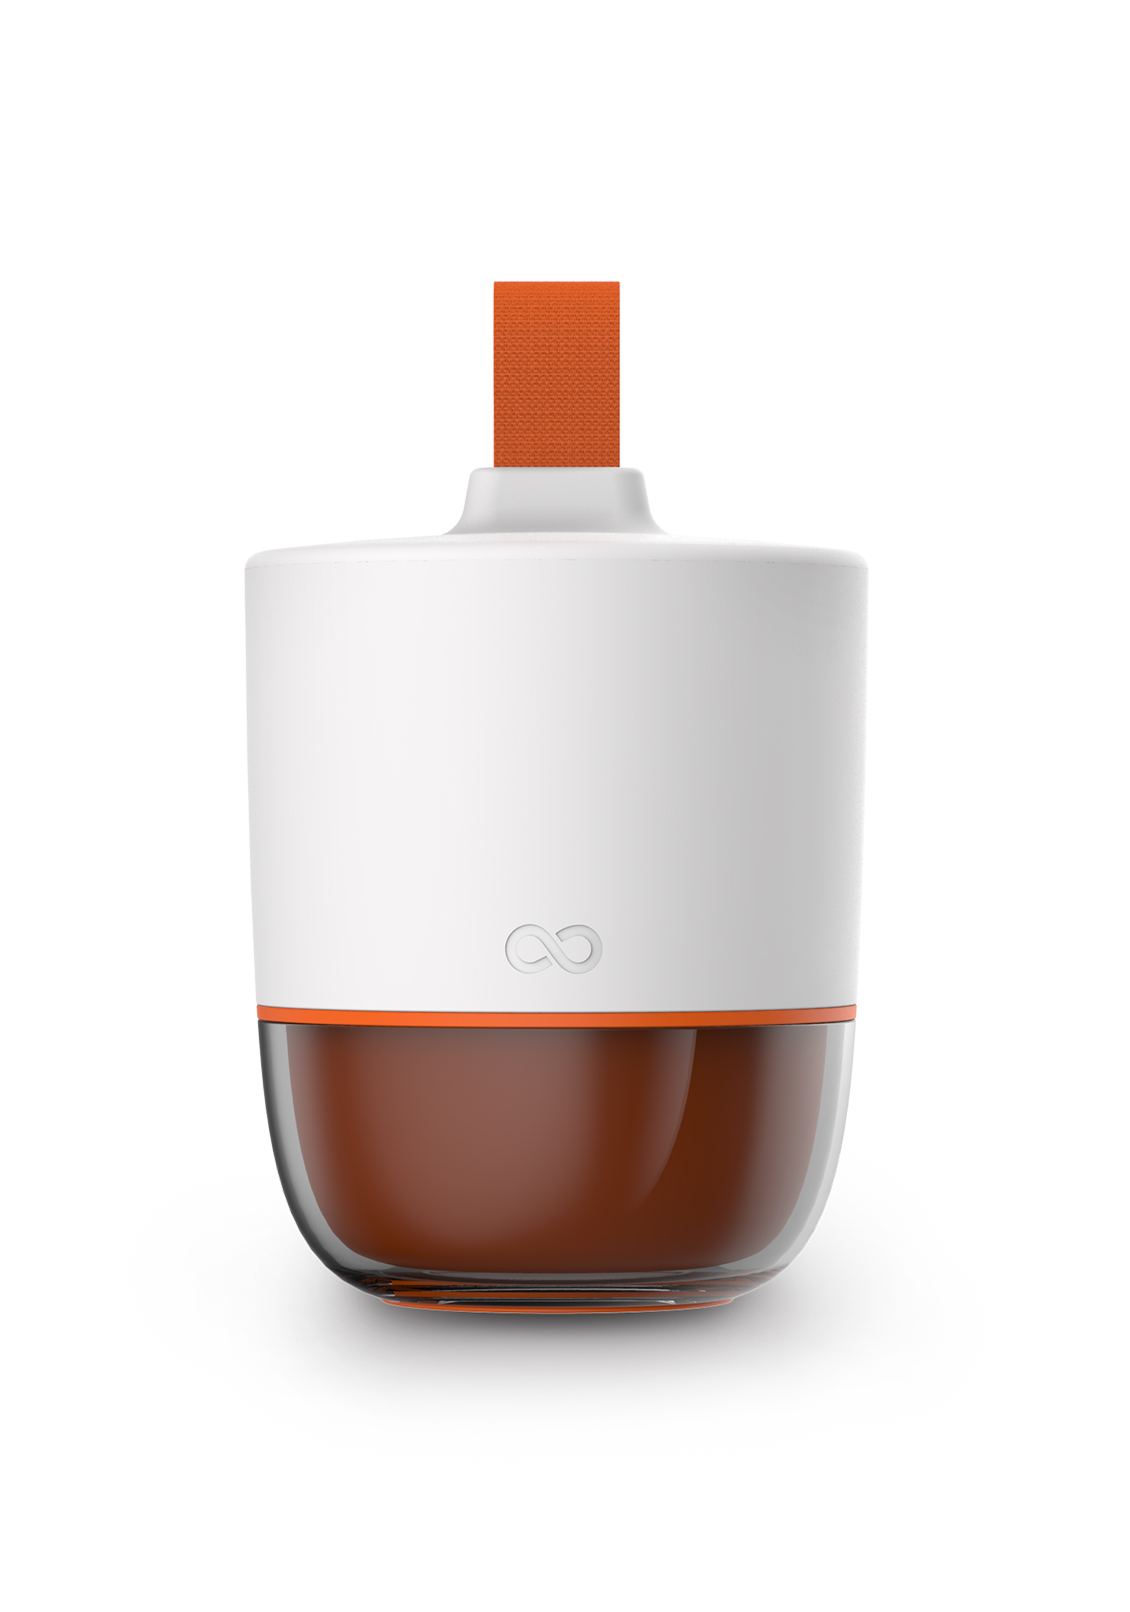 CAPSULELunch box - • Isolation sous vide• Hermétique• Ouverture et fermeture faciles• Capacité 0.95L500345 CApsule LUNCH BOX